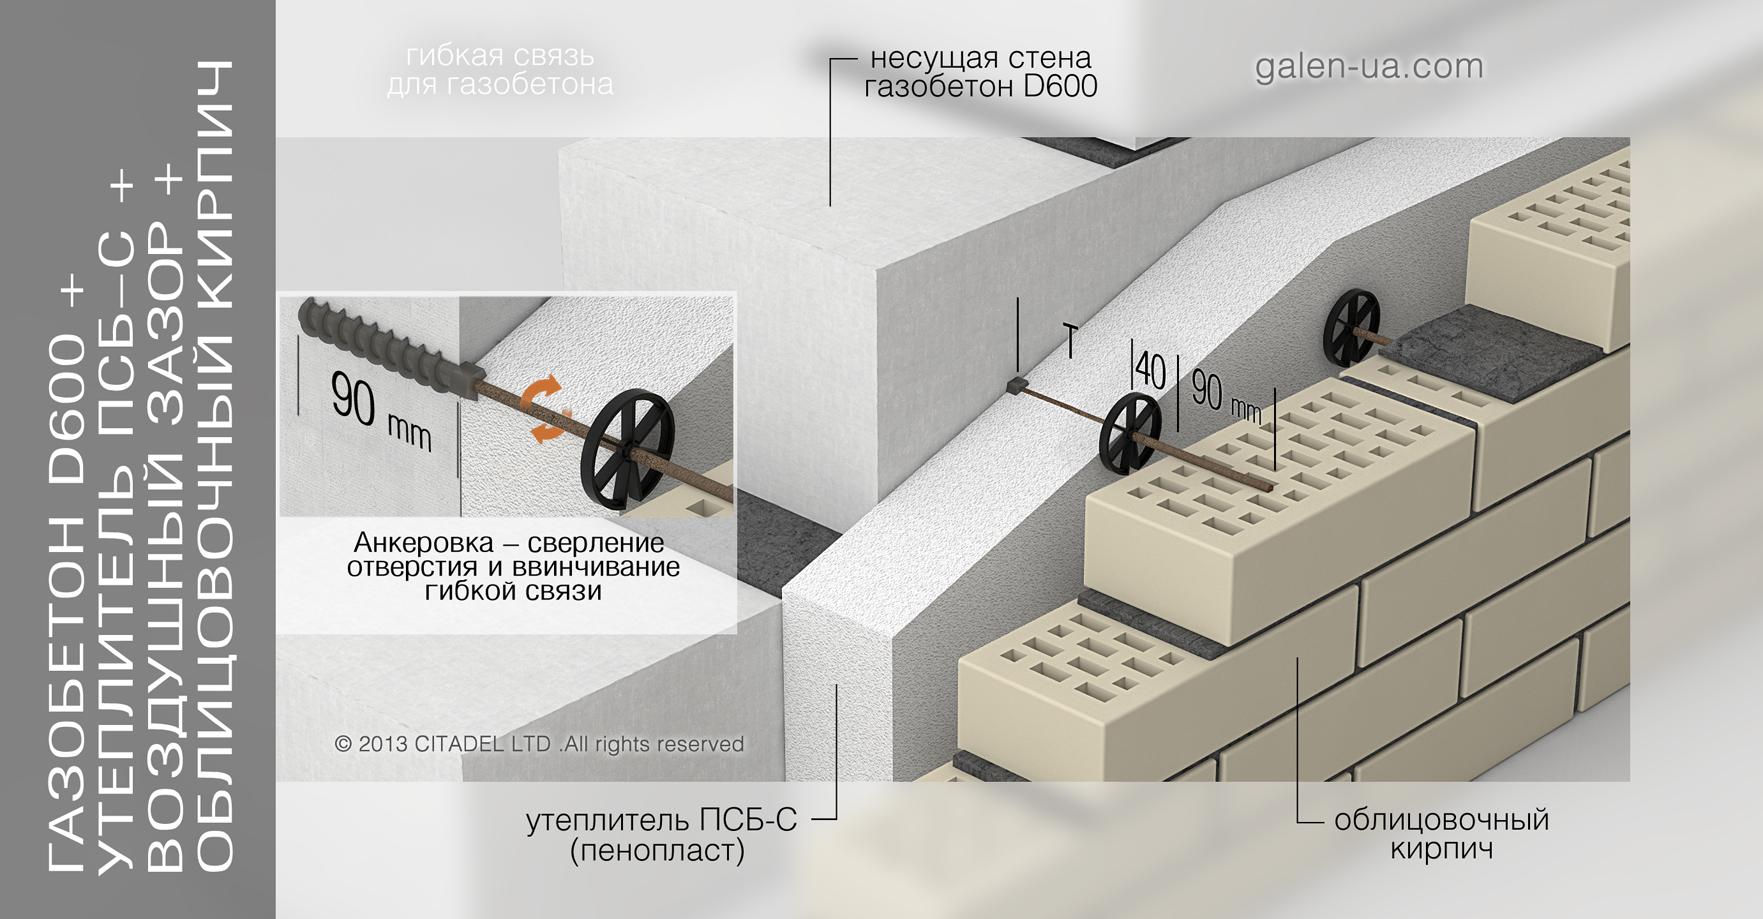 Гибкая связь для газобетона: Газобетон D600 + Утеплитель ПСБ-С + Воздушный зазор + Облицовочный кирпич